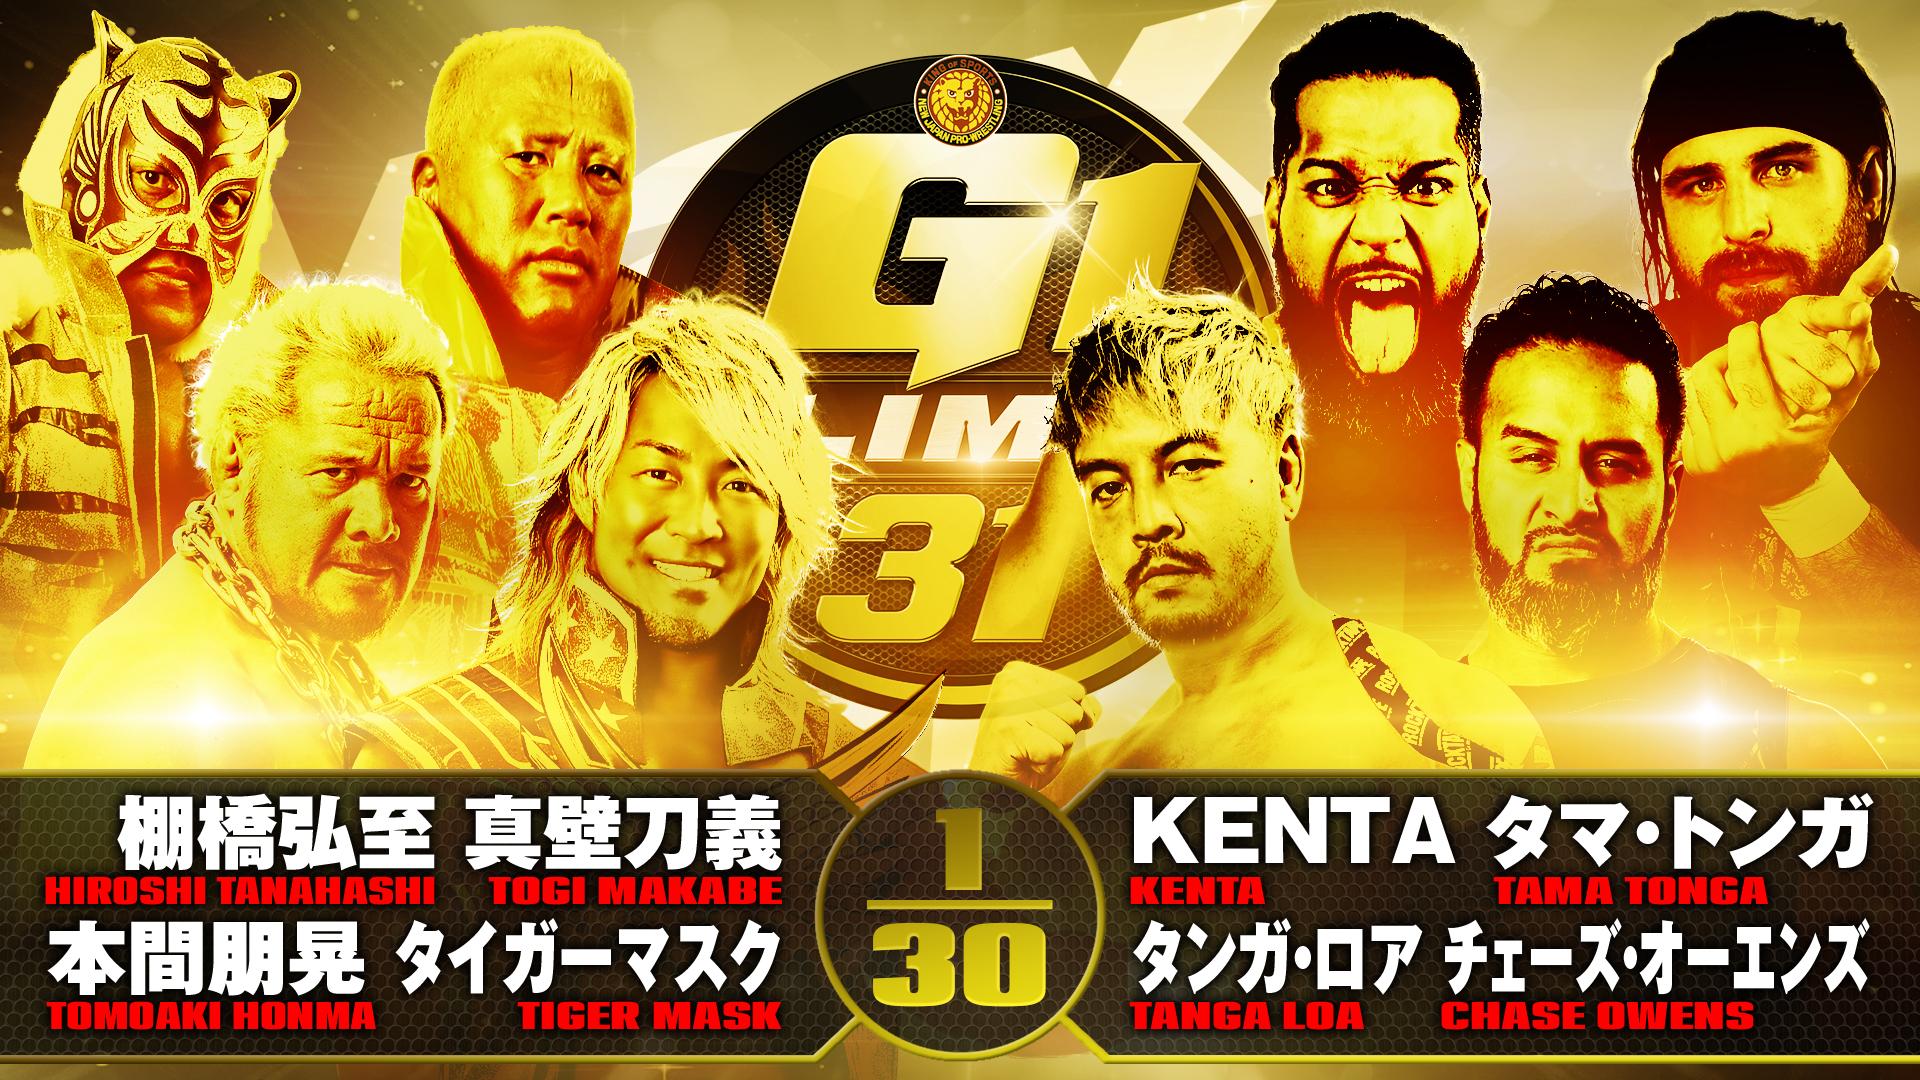 【第3試合】結果速報!新日本プロレス 2021年10月21日『G1 CLIMAX 31 FINAL』